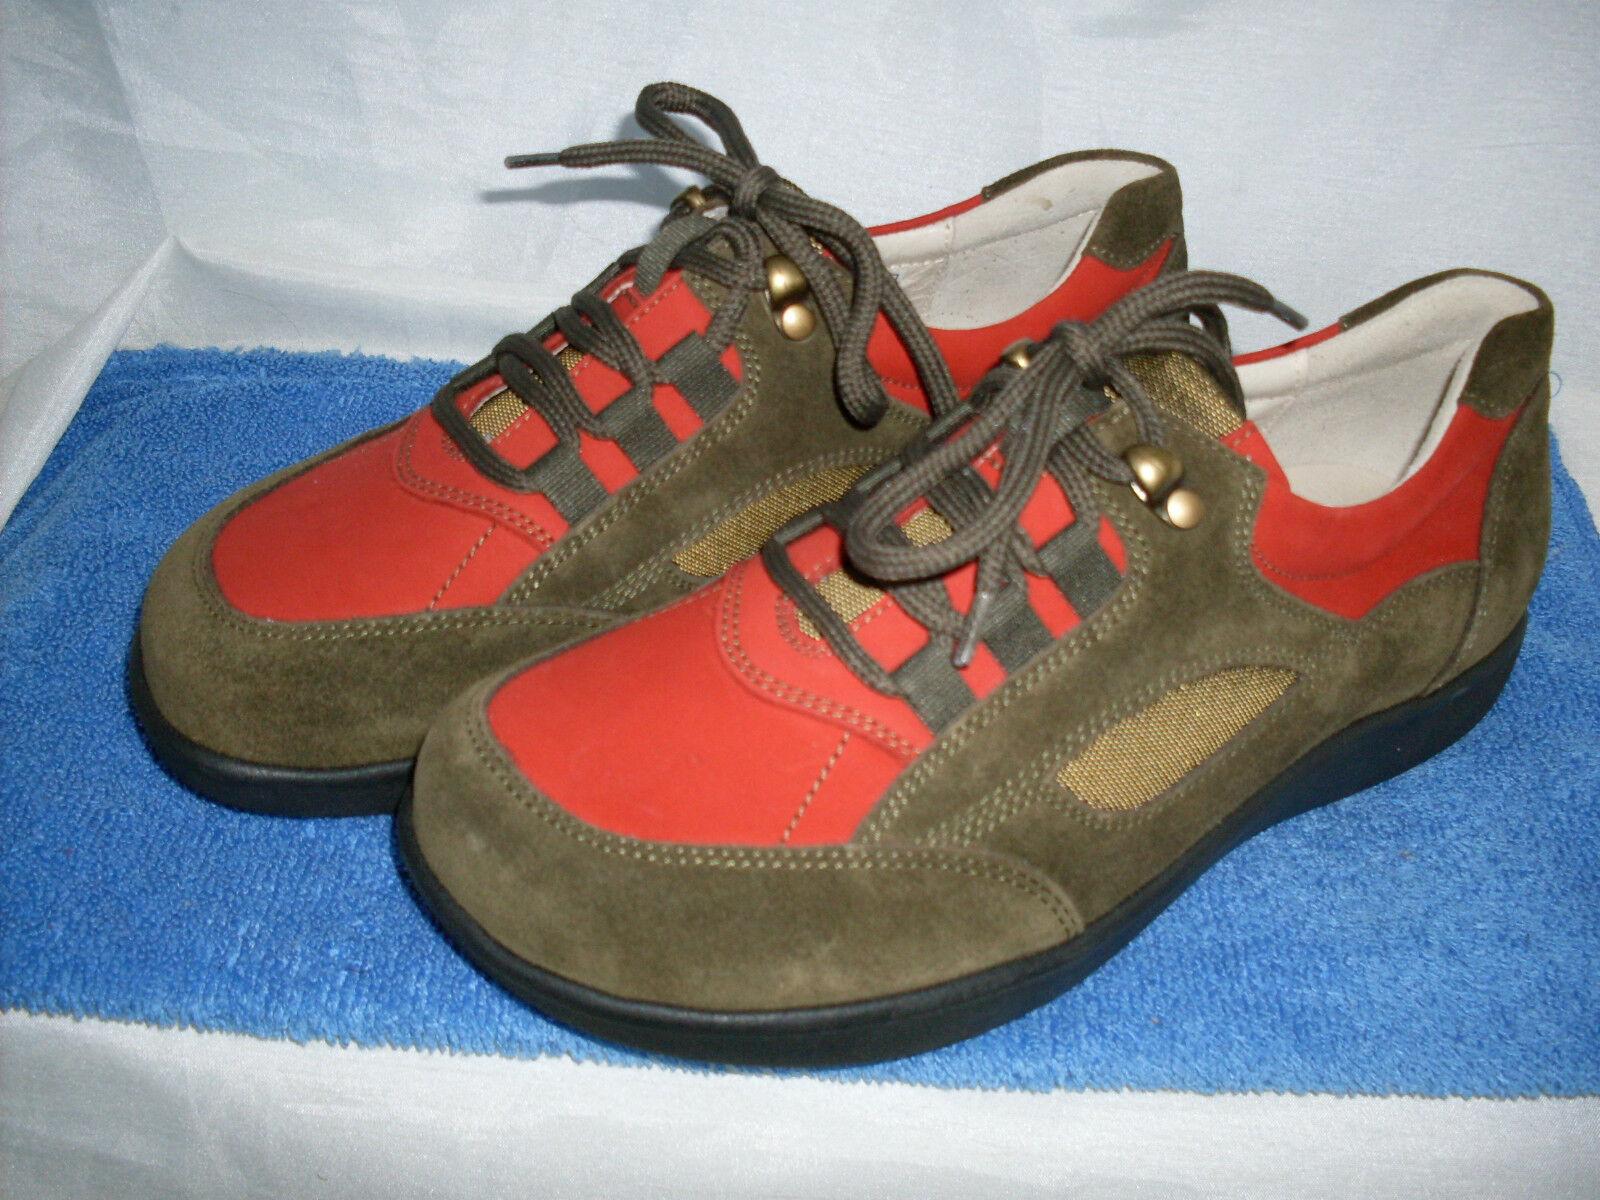 Señora zapato cómodo leonie schnürschuh nuevo talla 36 en en en verde oliva rojo de cuero &  autorización